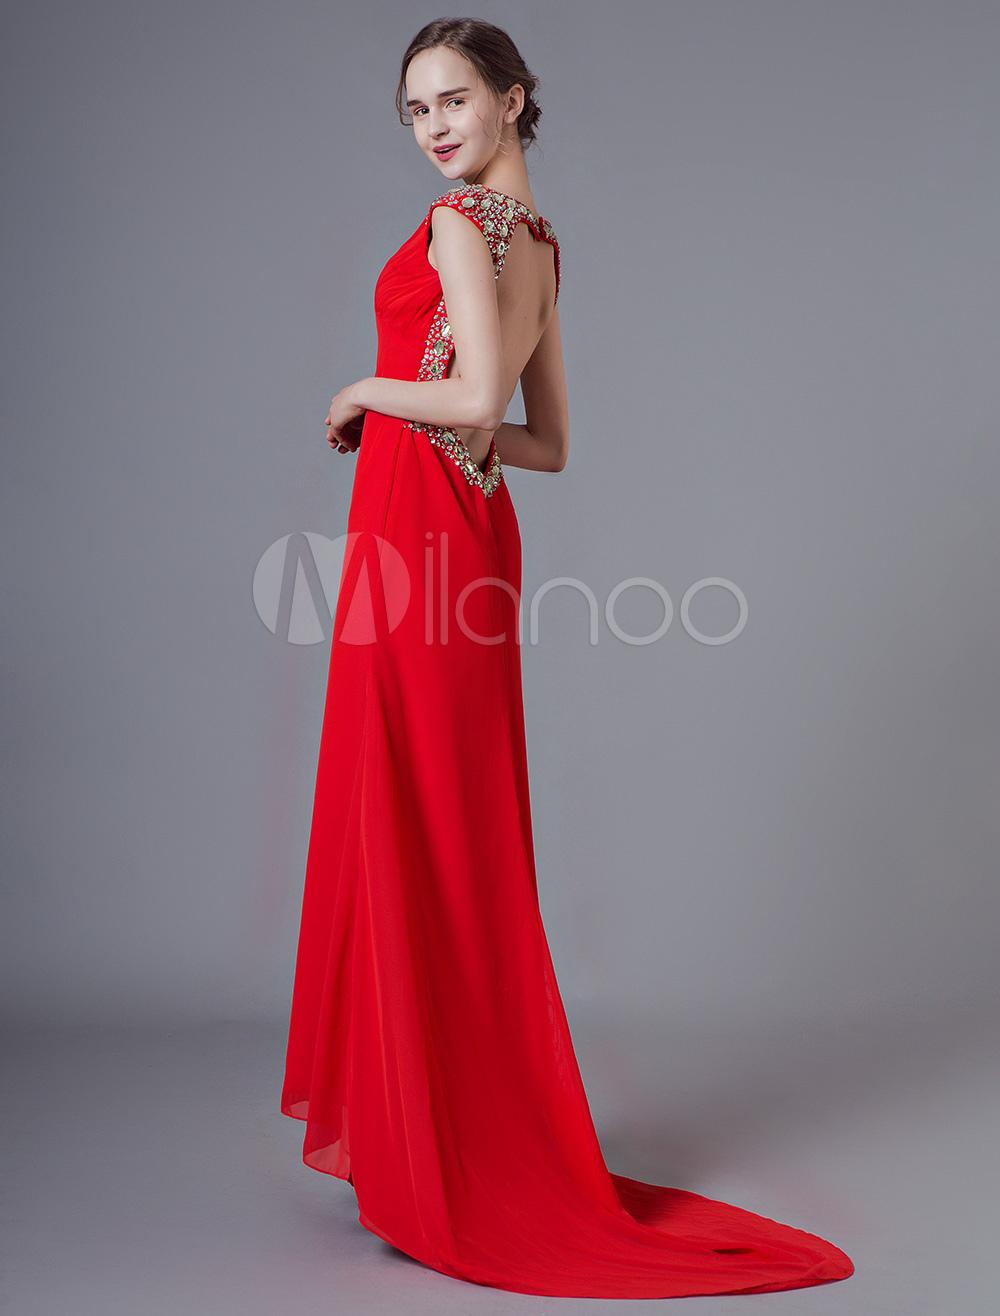 b9b883fd61b3 Abiti da sera rosso sexy vestito da promenade Backless Sweetheart chiffon  abiti convenzionali con il treno ...